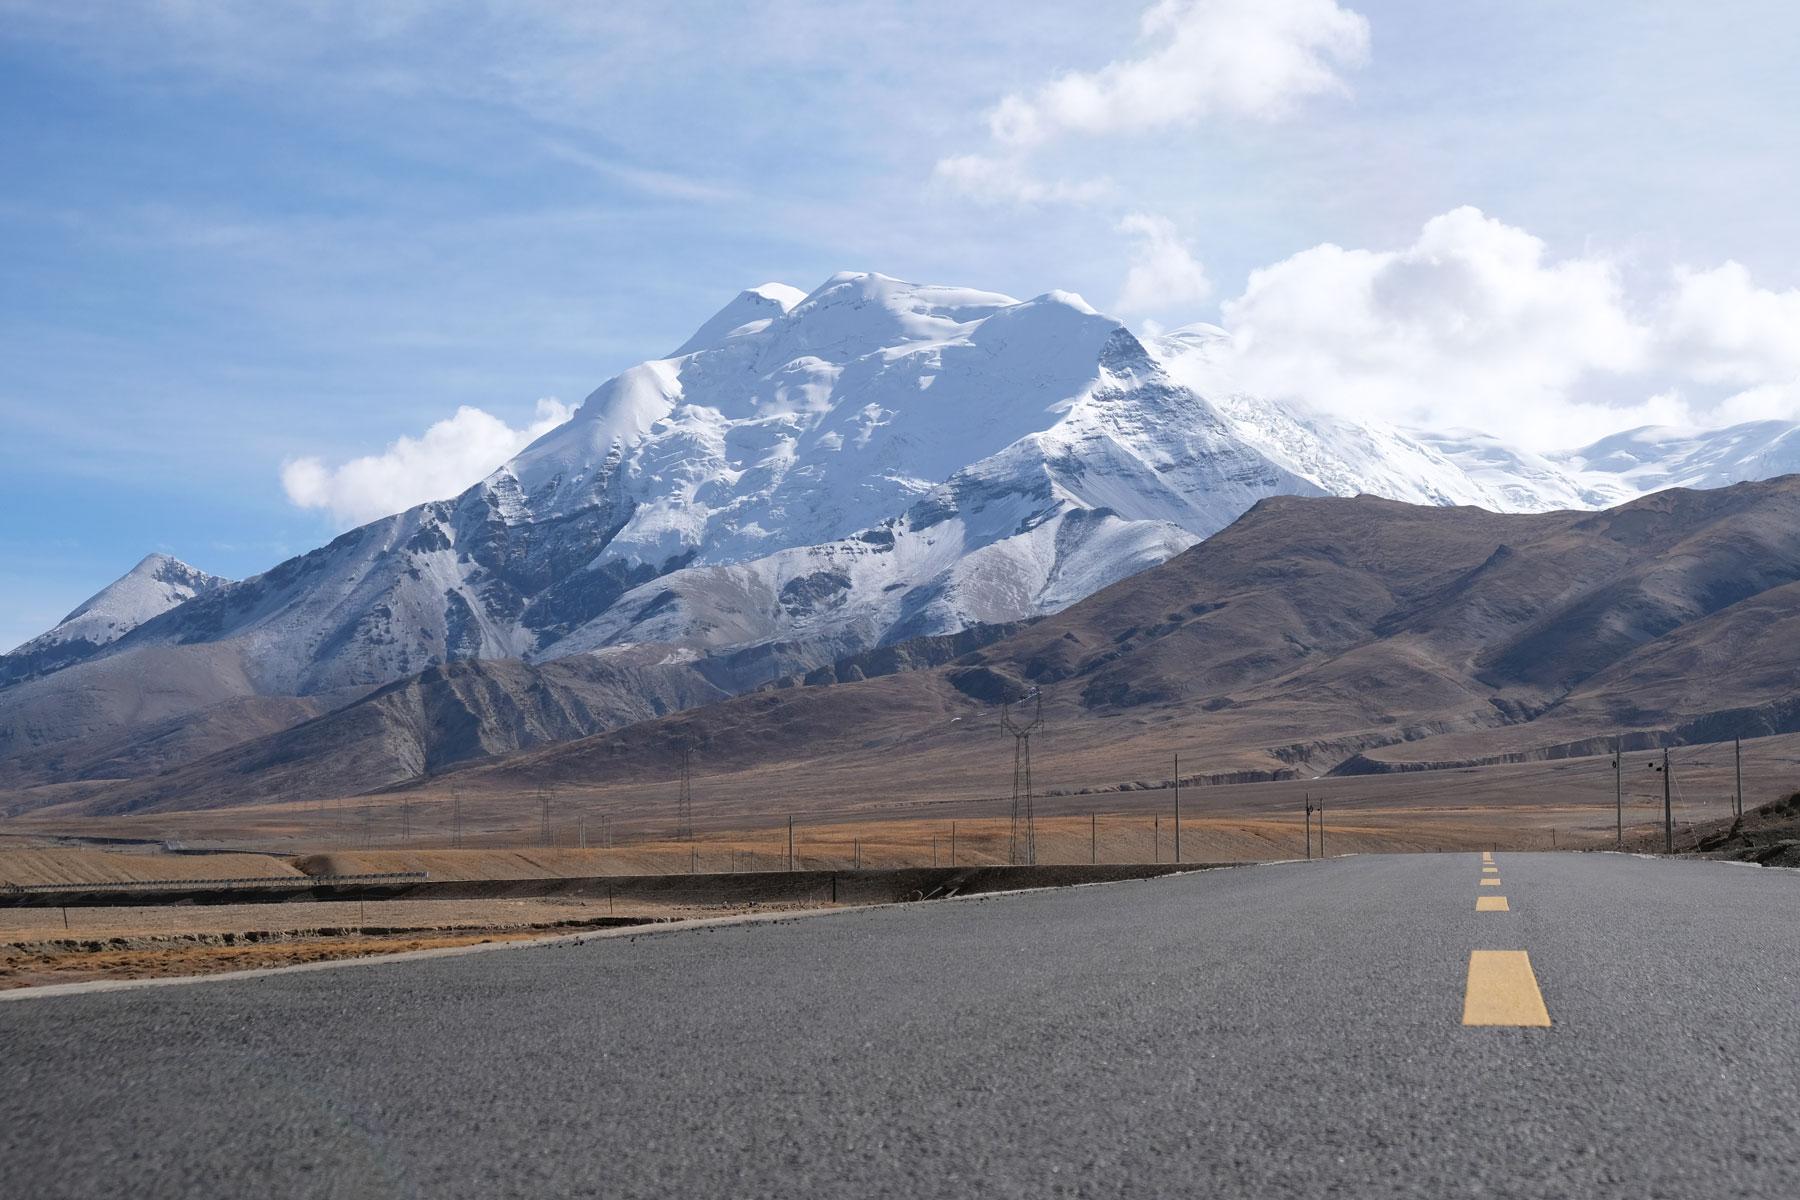 Auf dem Friendship Highway von Kathmandu nach Lhasa fahren wir durch eine einfach tolle Natur!